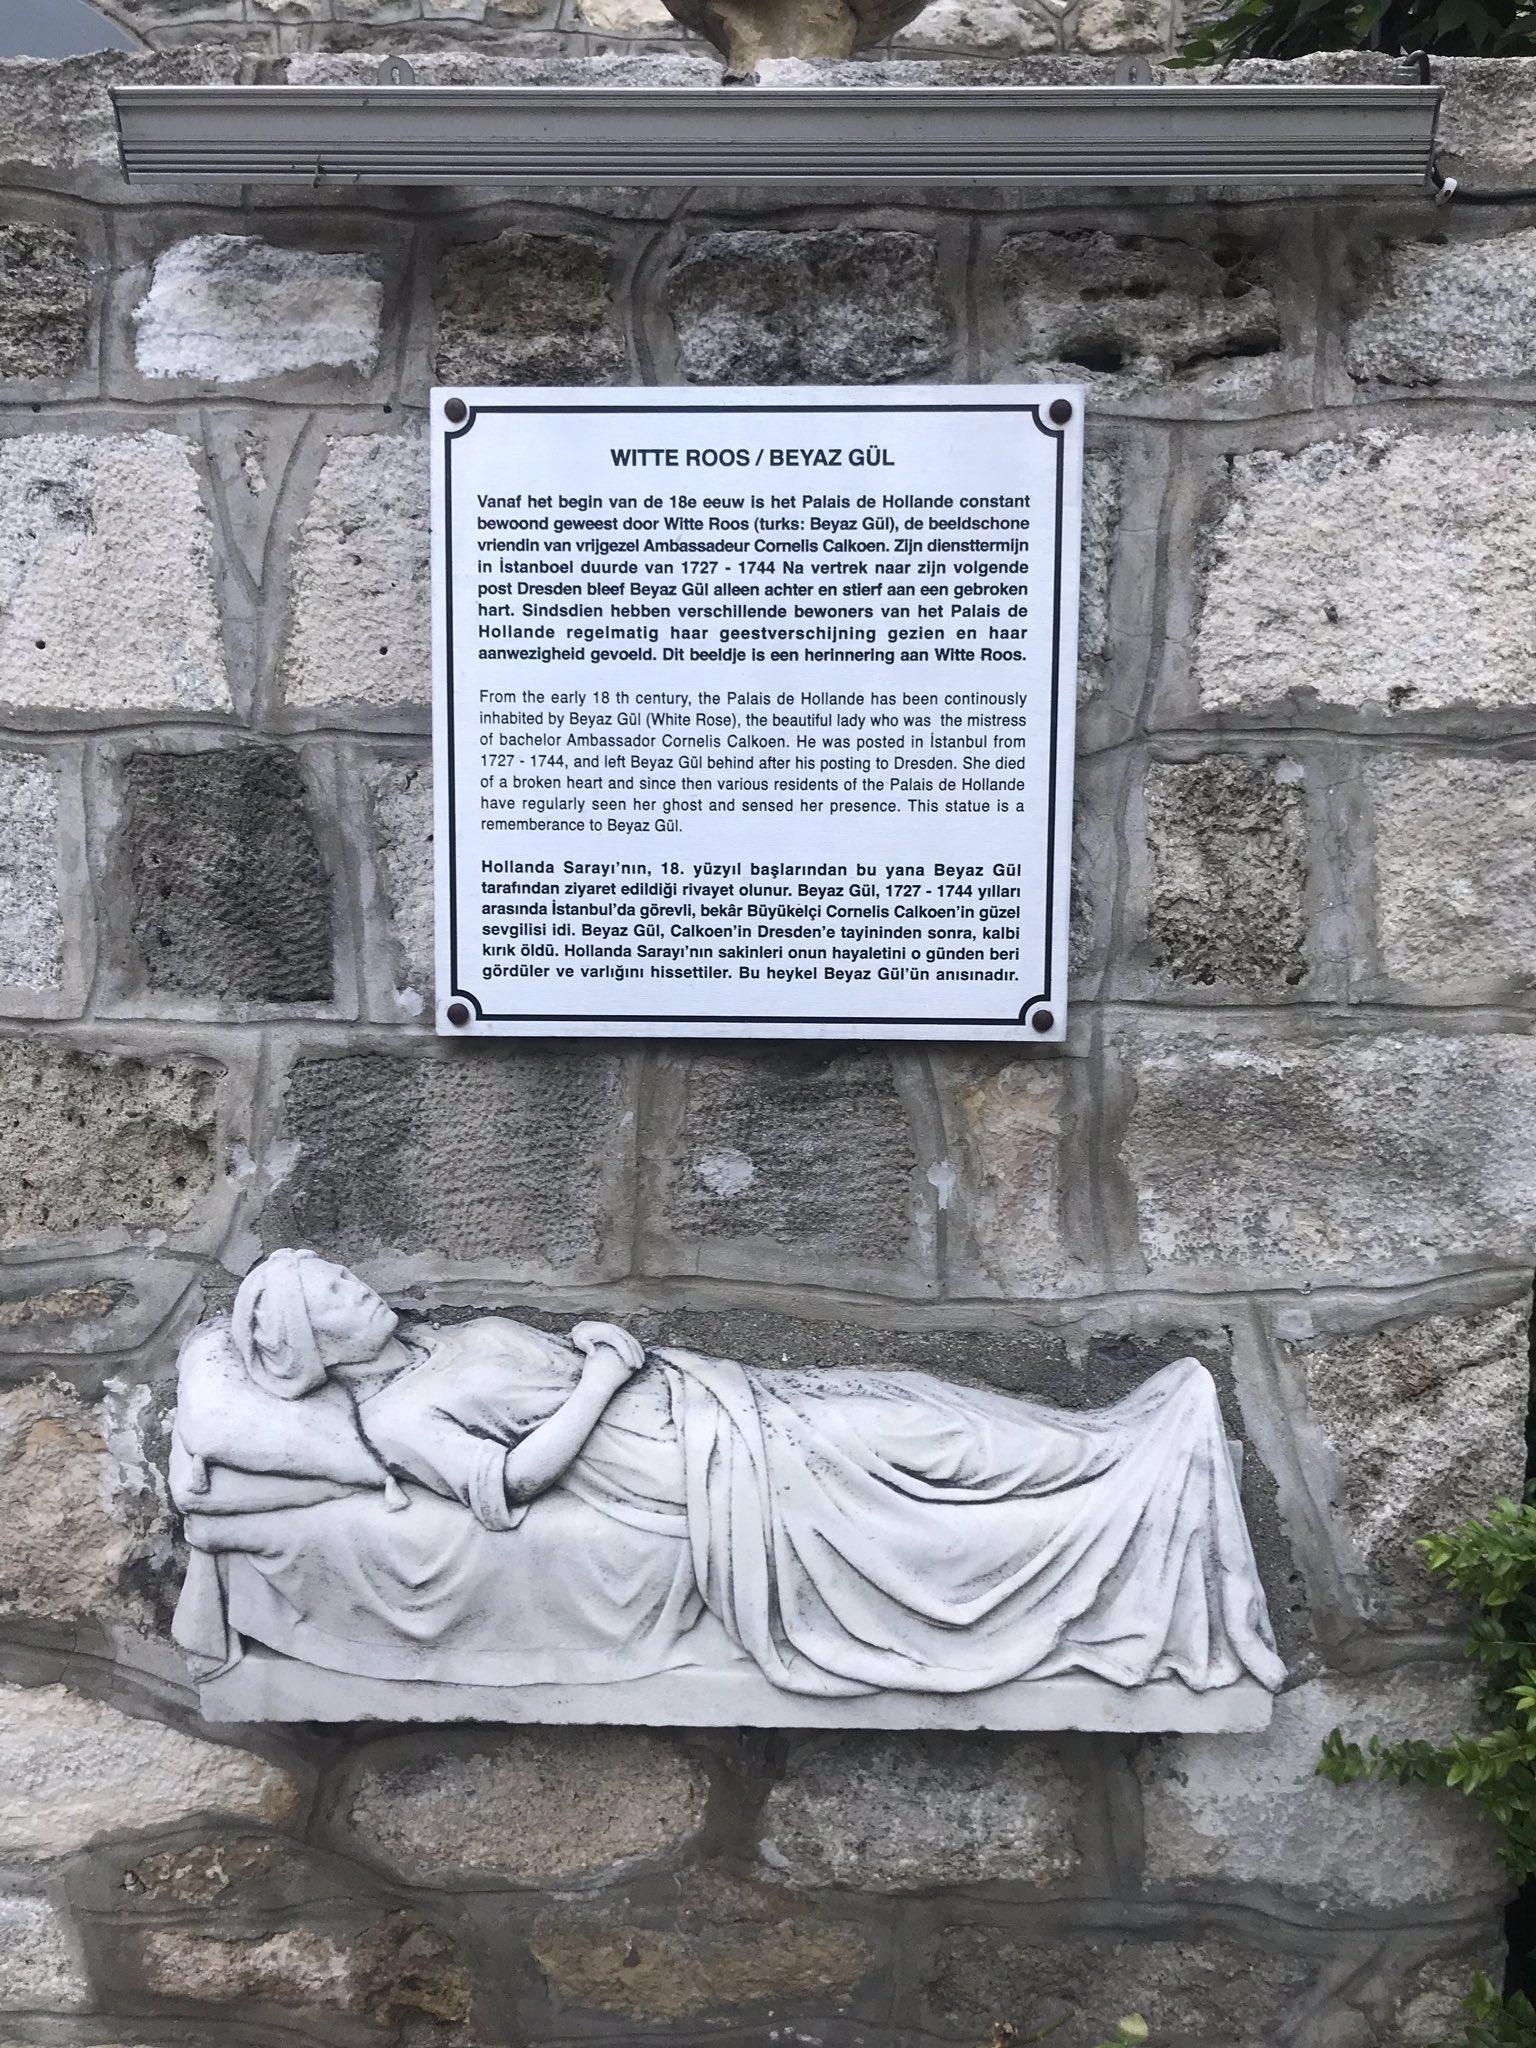 Estatua de Beyaz Gül